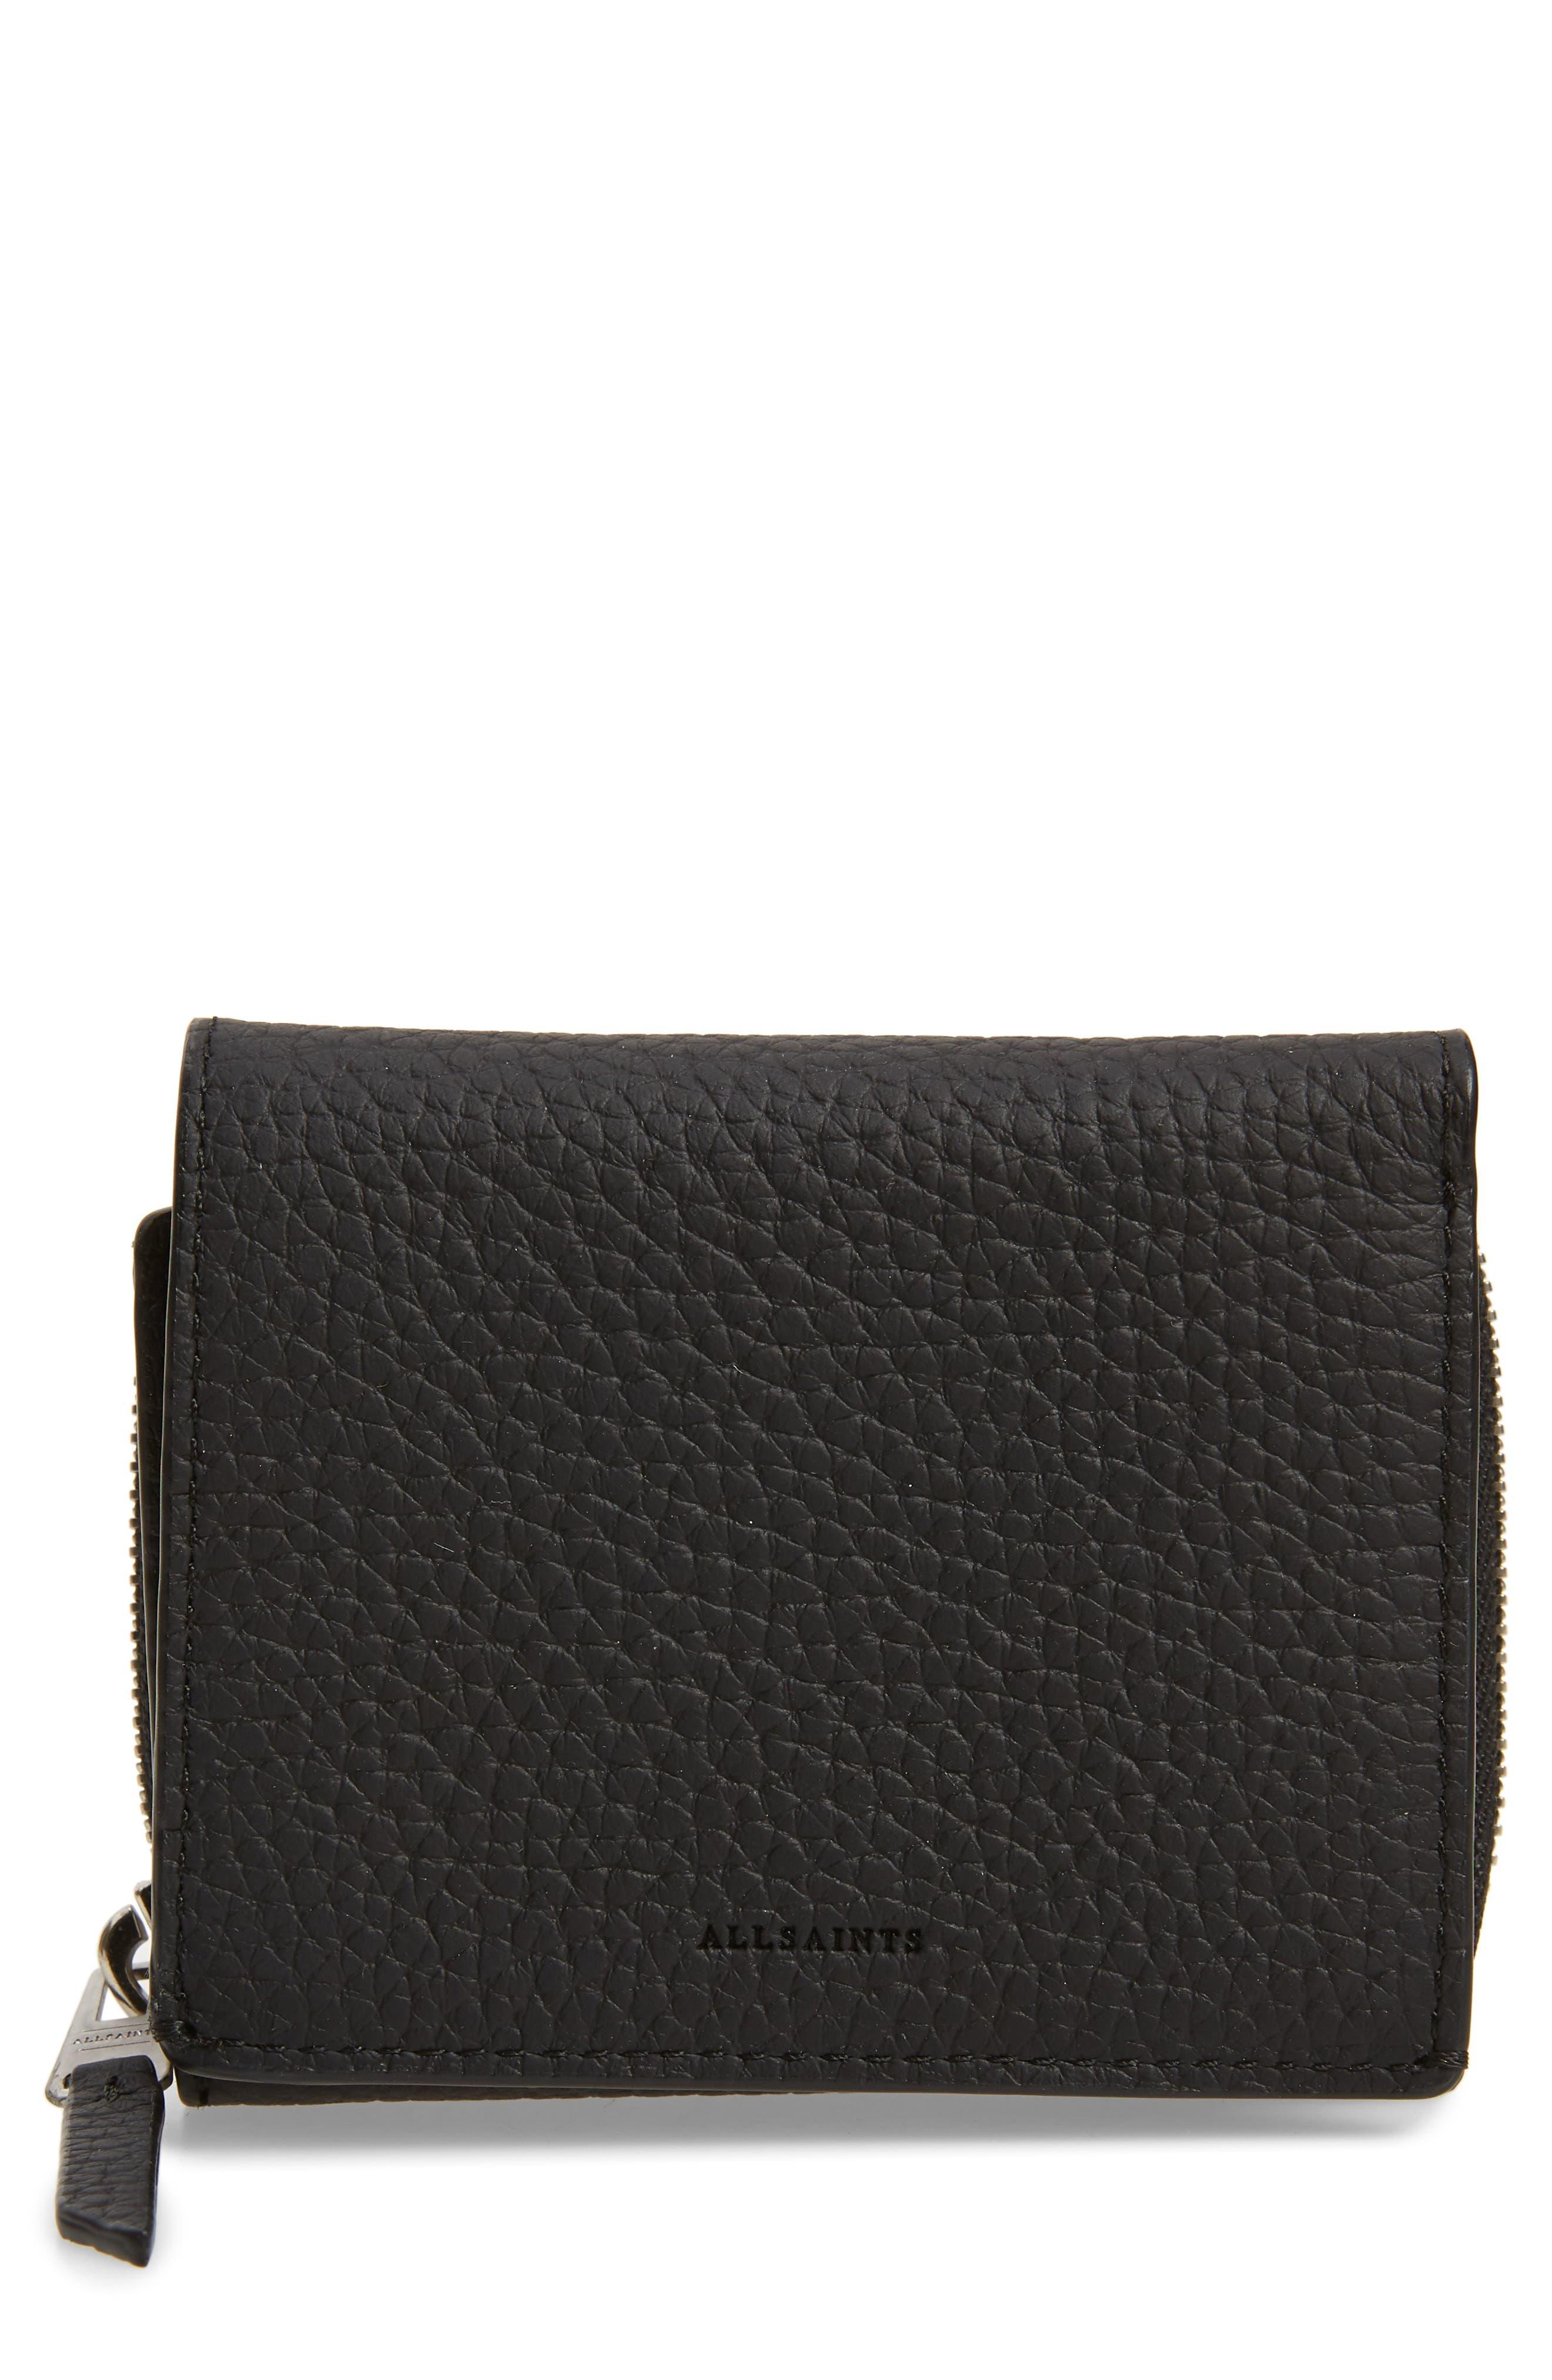 ALLSAINTS Captain Leather Trifold Wallet, Main, color, BLACK